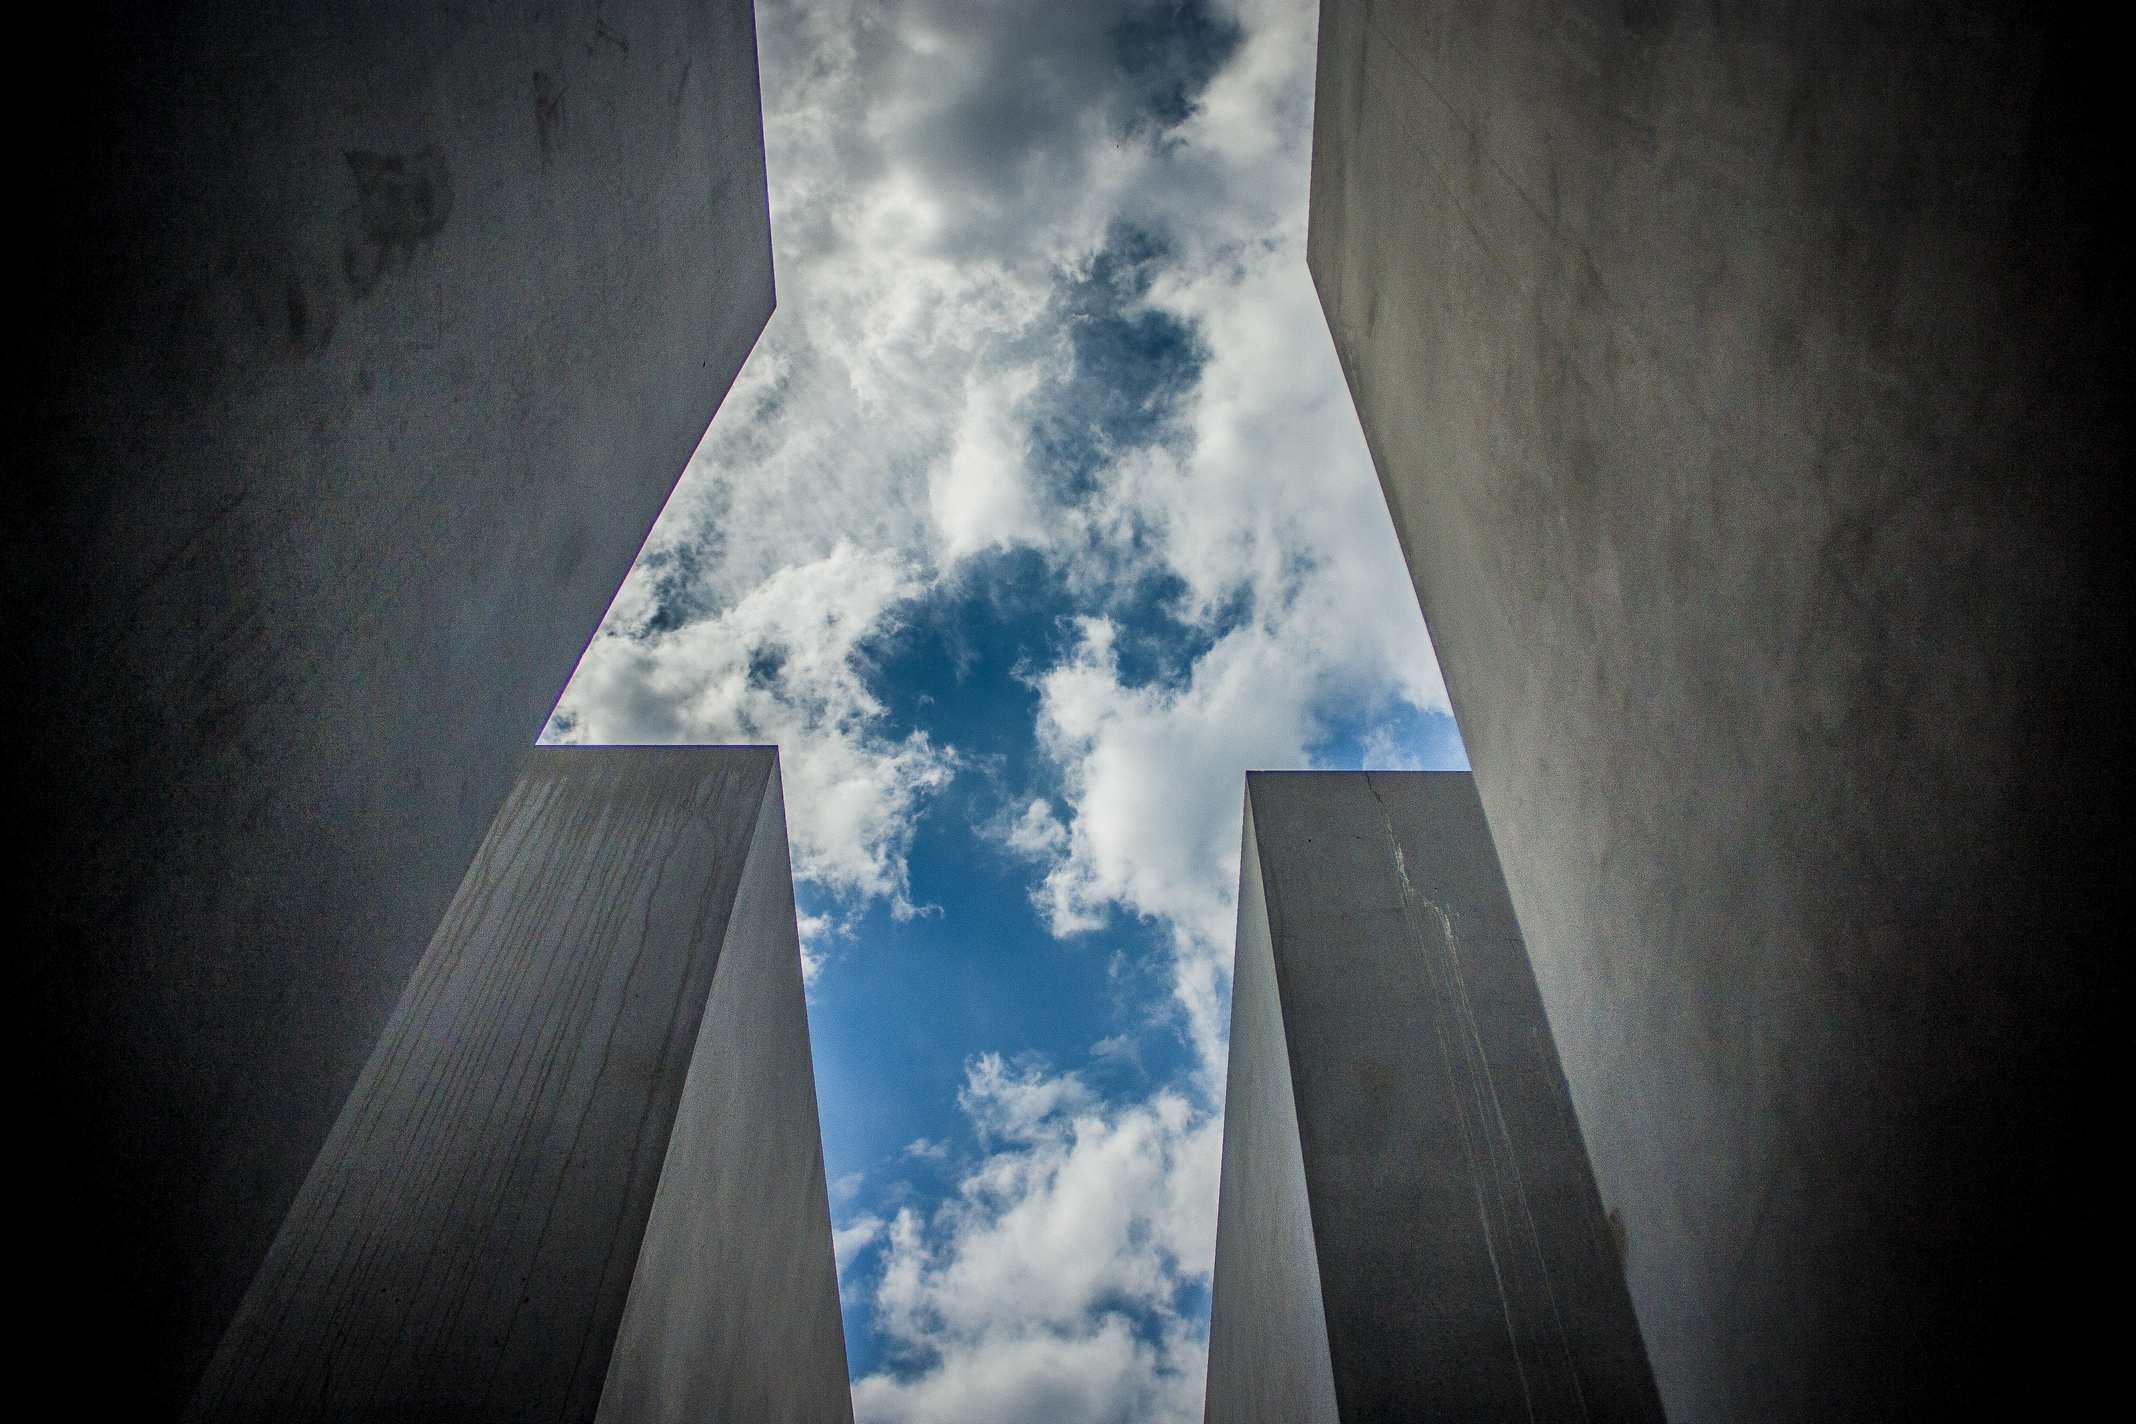 Il cielo murato